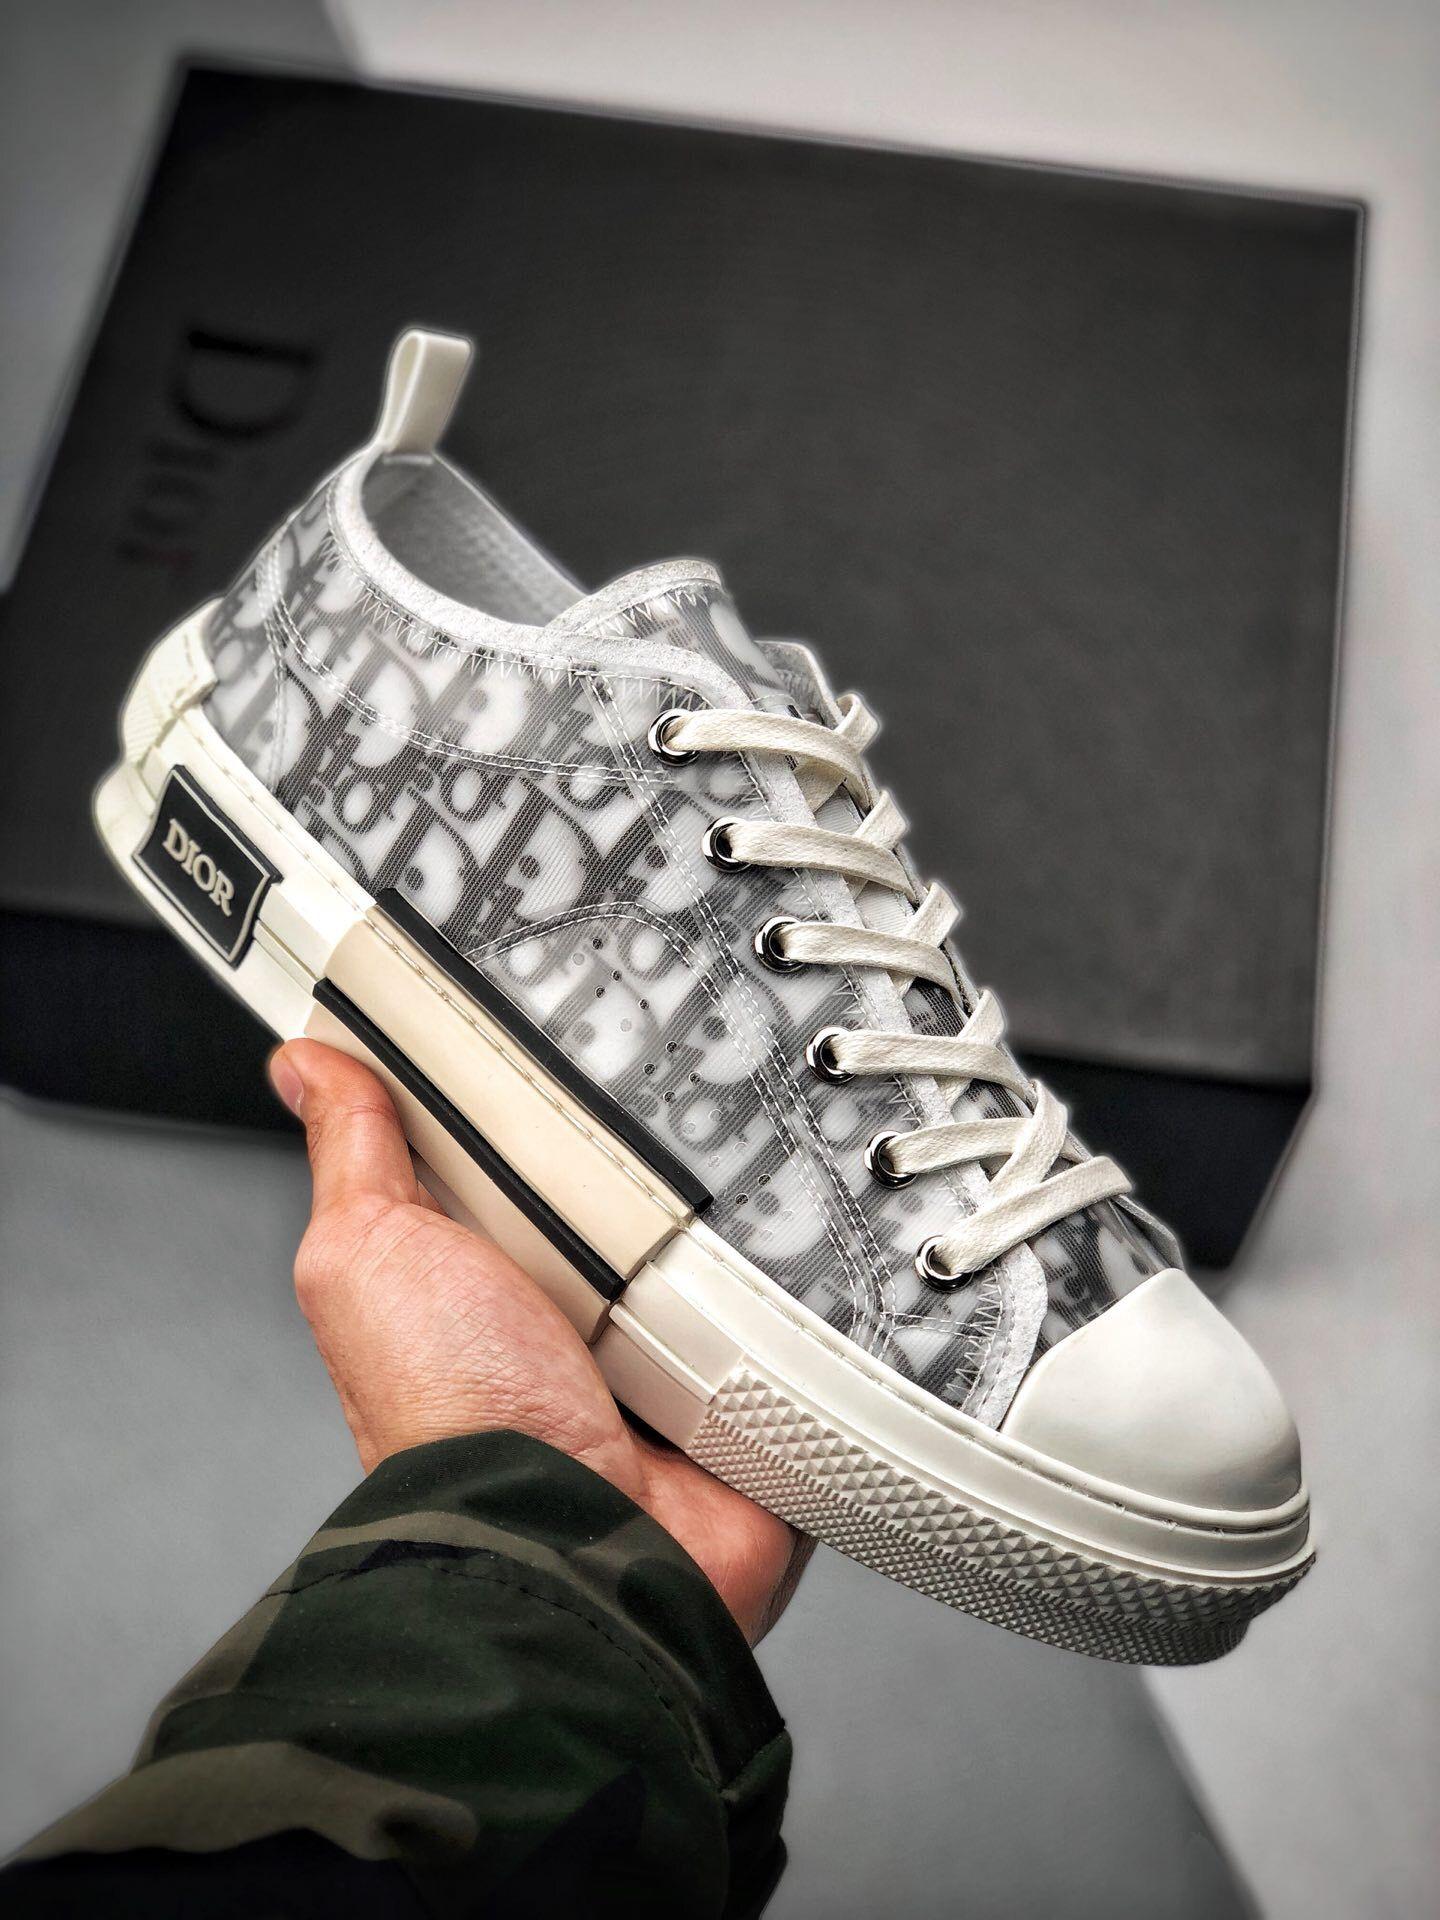 DIOR x Kaws | Dior shoes, Cute shoes